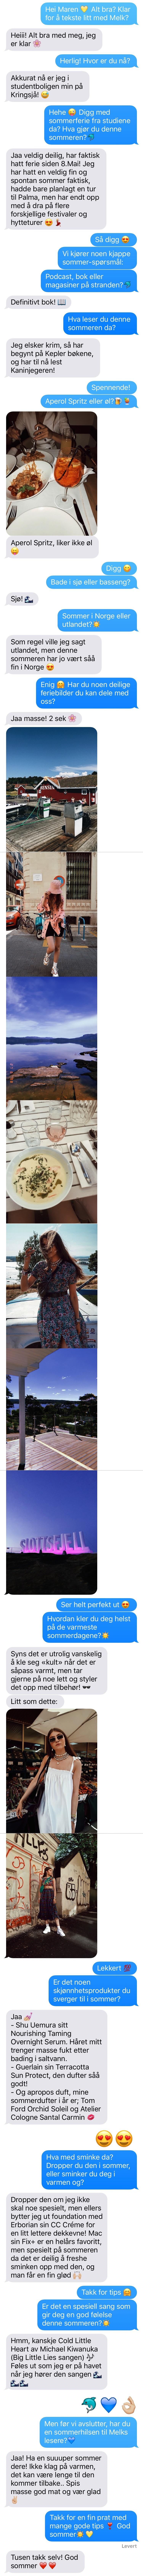 sommer-sms med maren schia